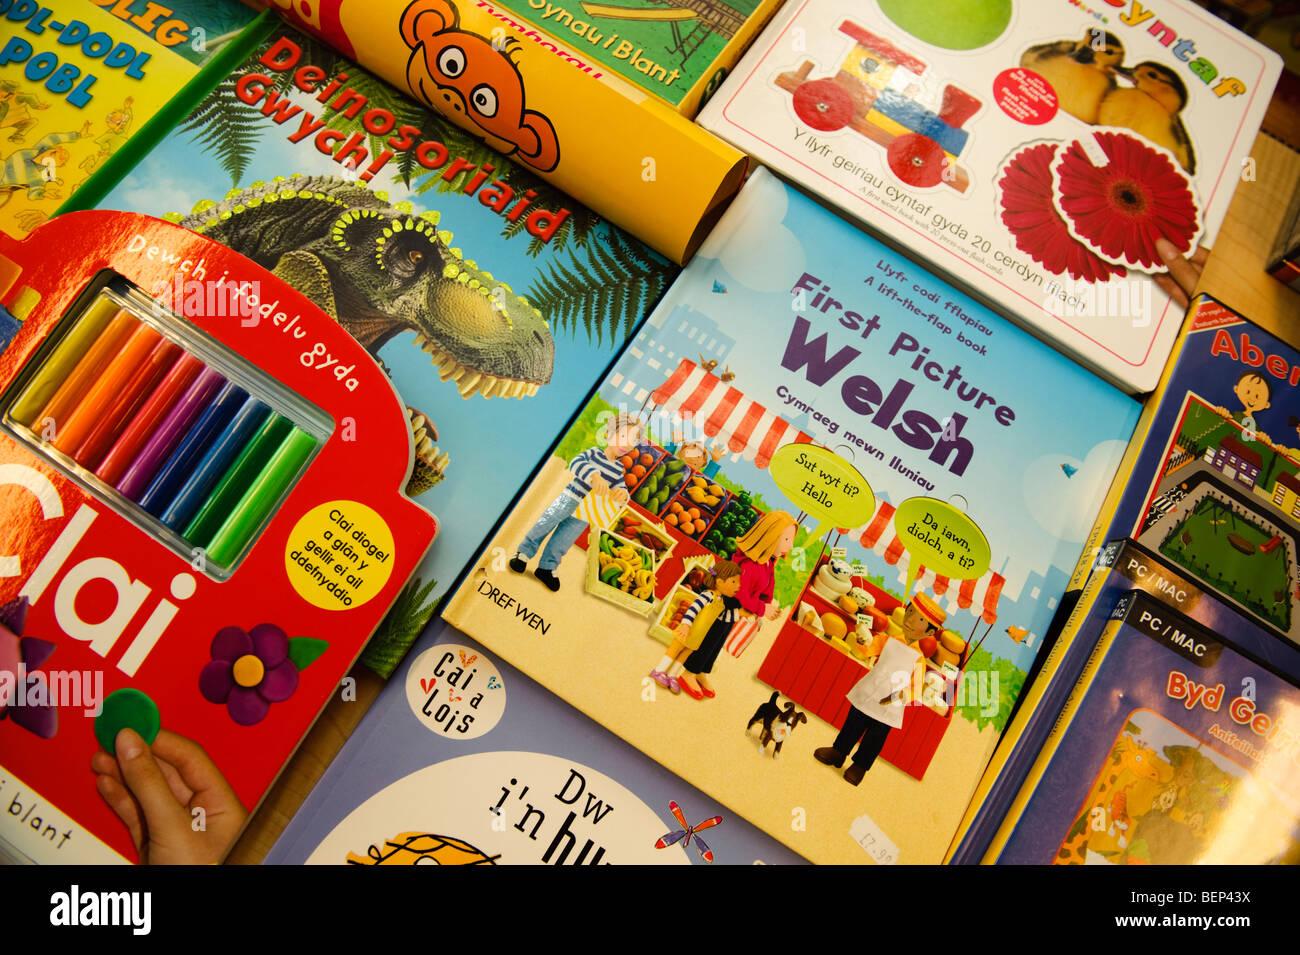 Walisische Sprache frühkindliche Bildung Materialien - Bücher Stockbild